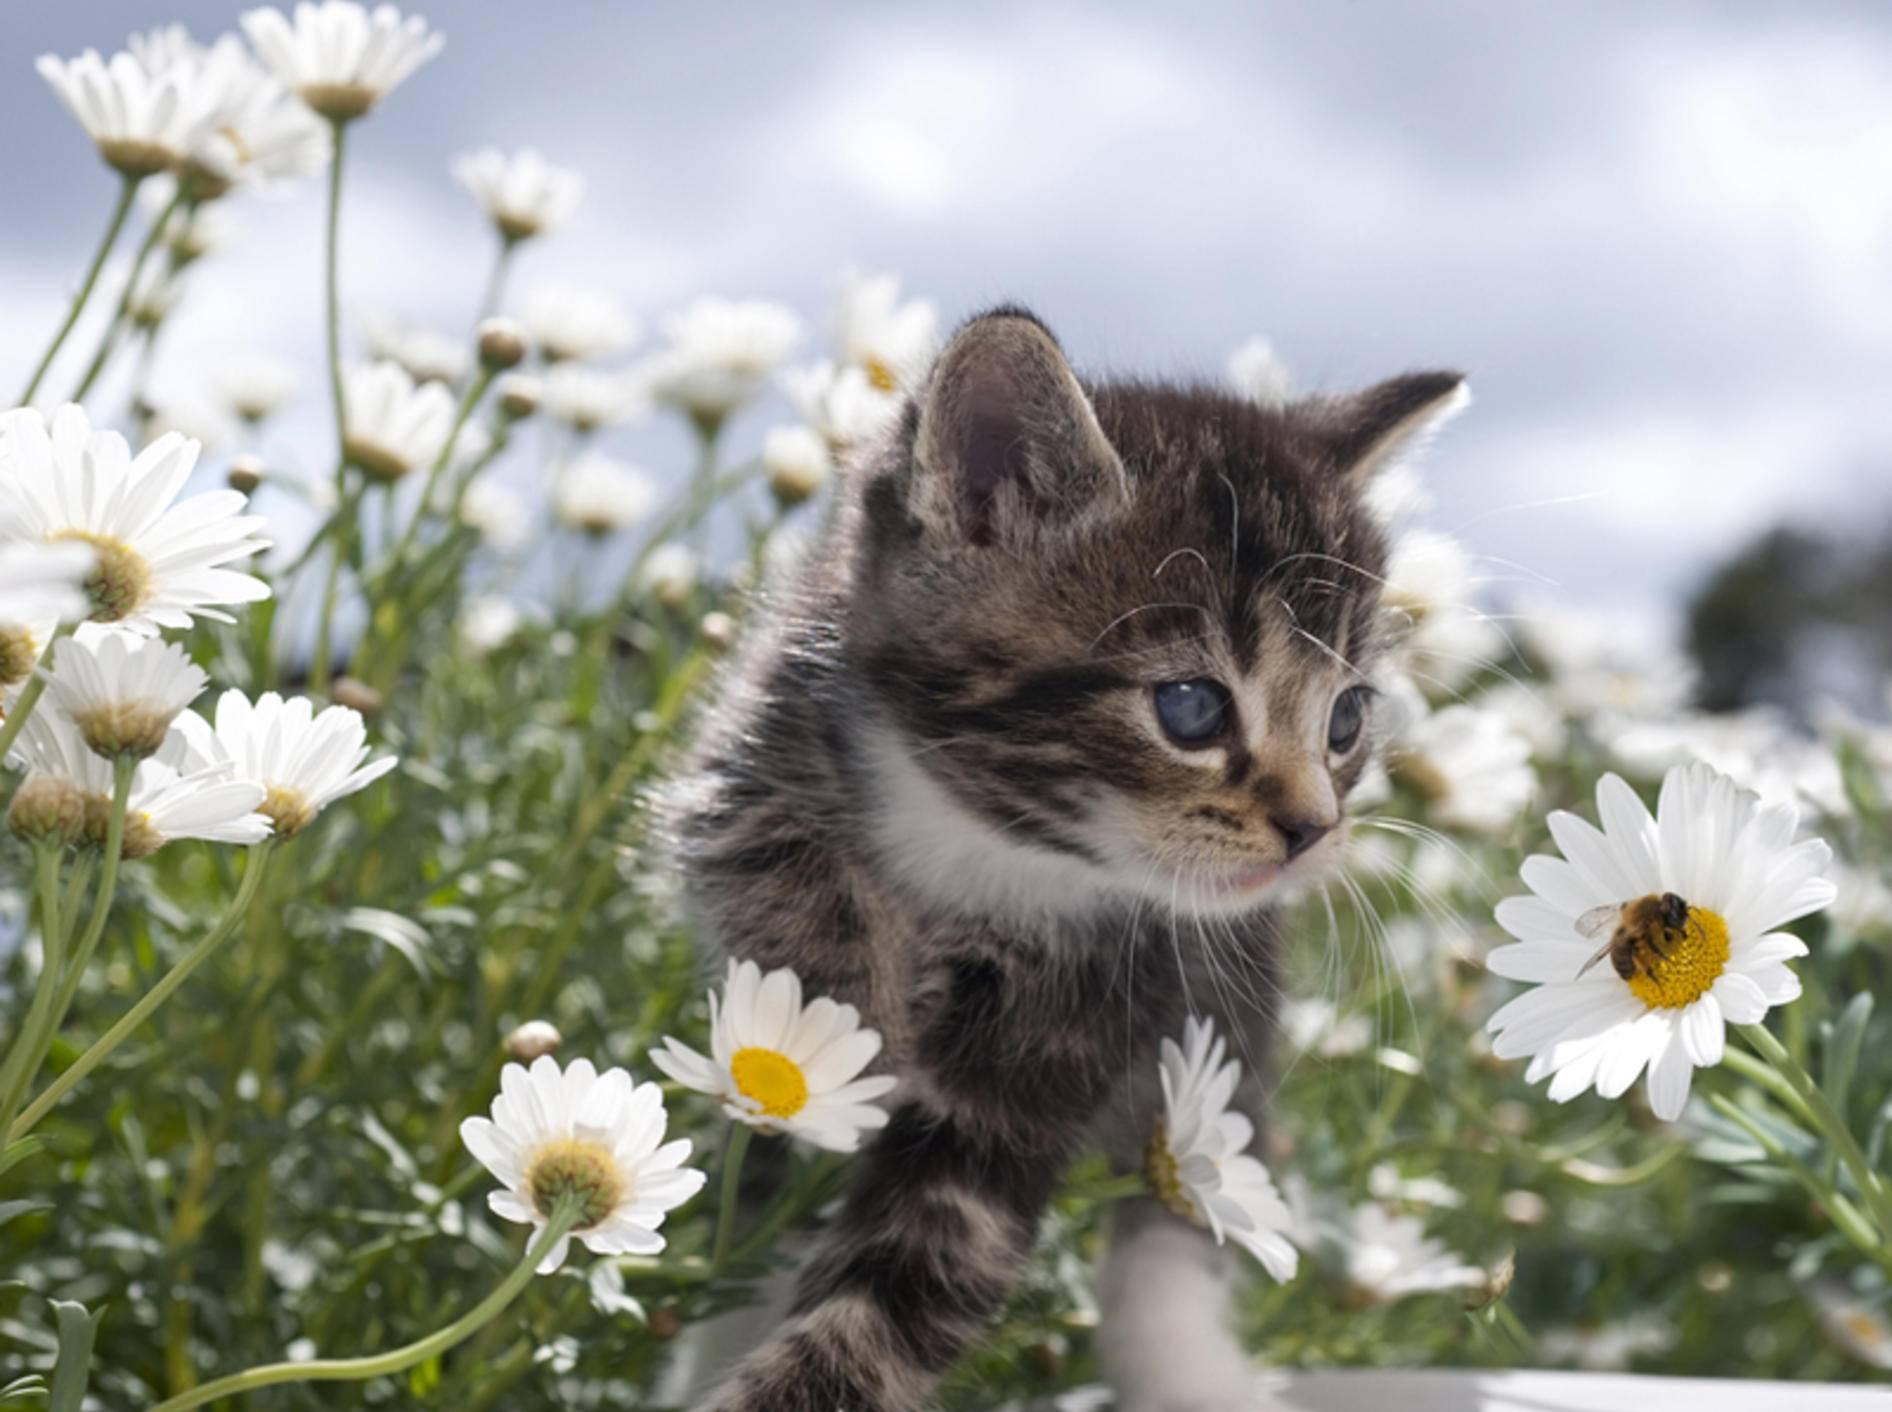 Kleines Kätzchen entdeckt eine Hummel auf der Blumenwiese